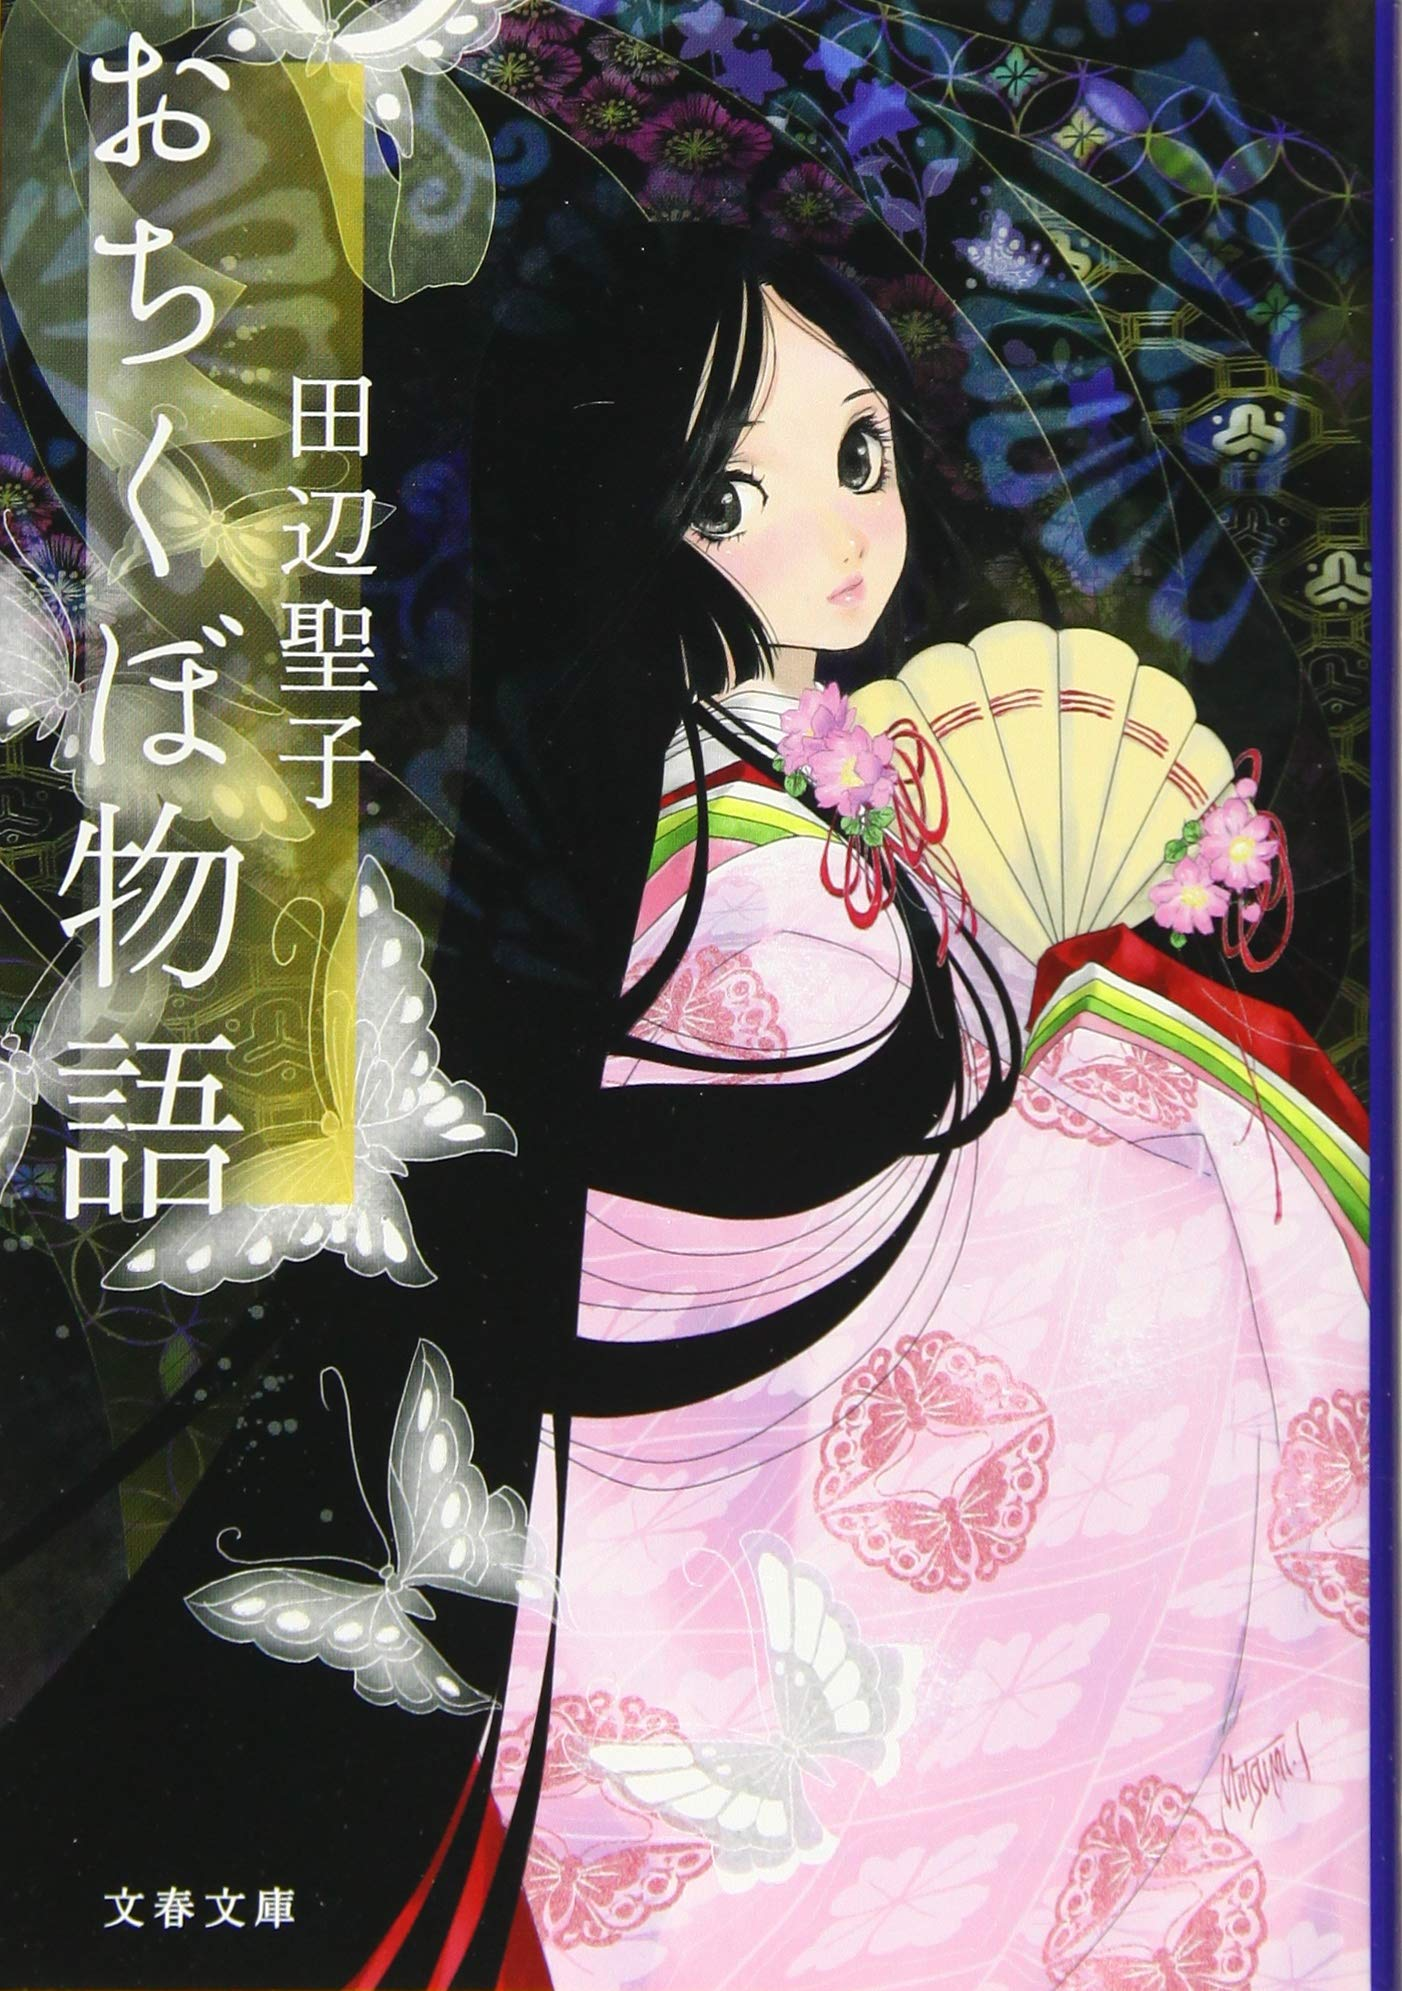 お ちく ぼ 姫 現代 語 訳